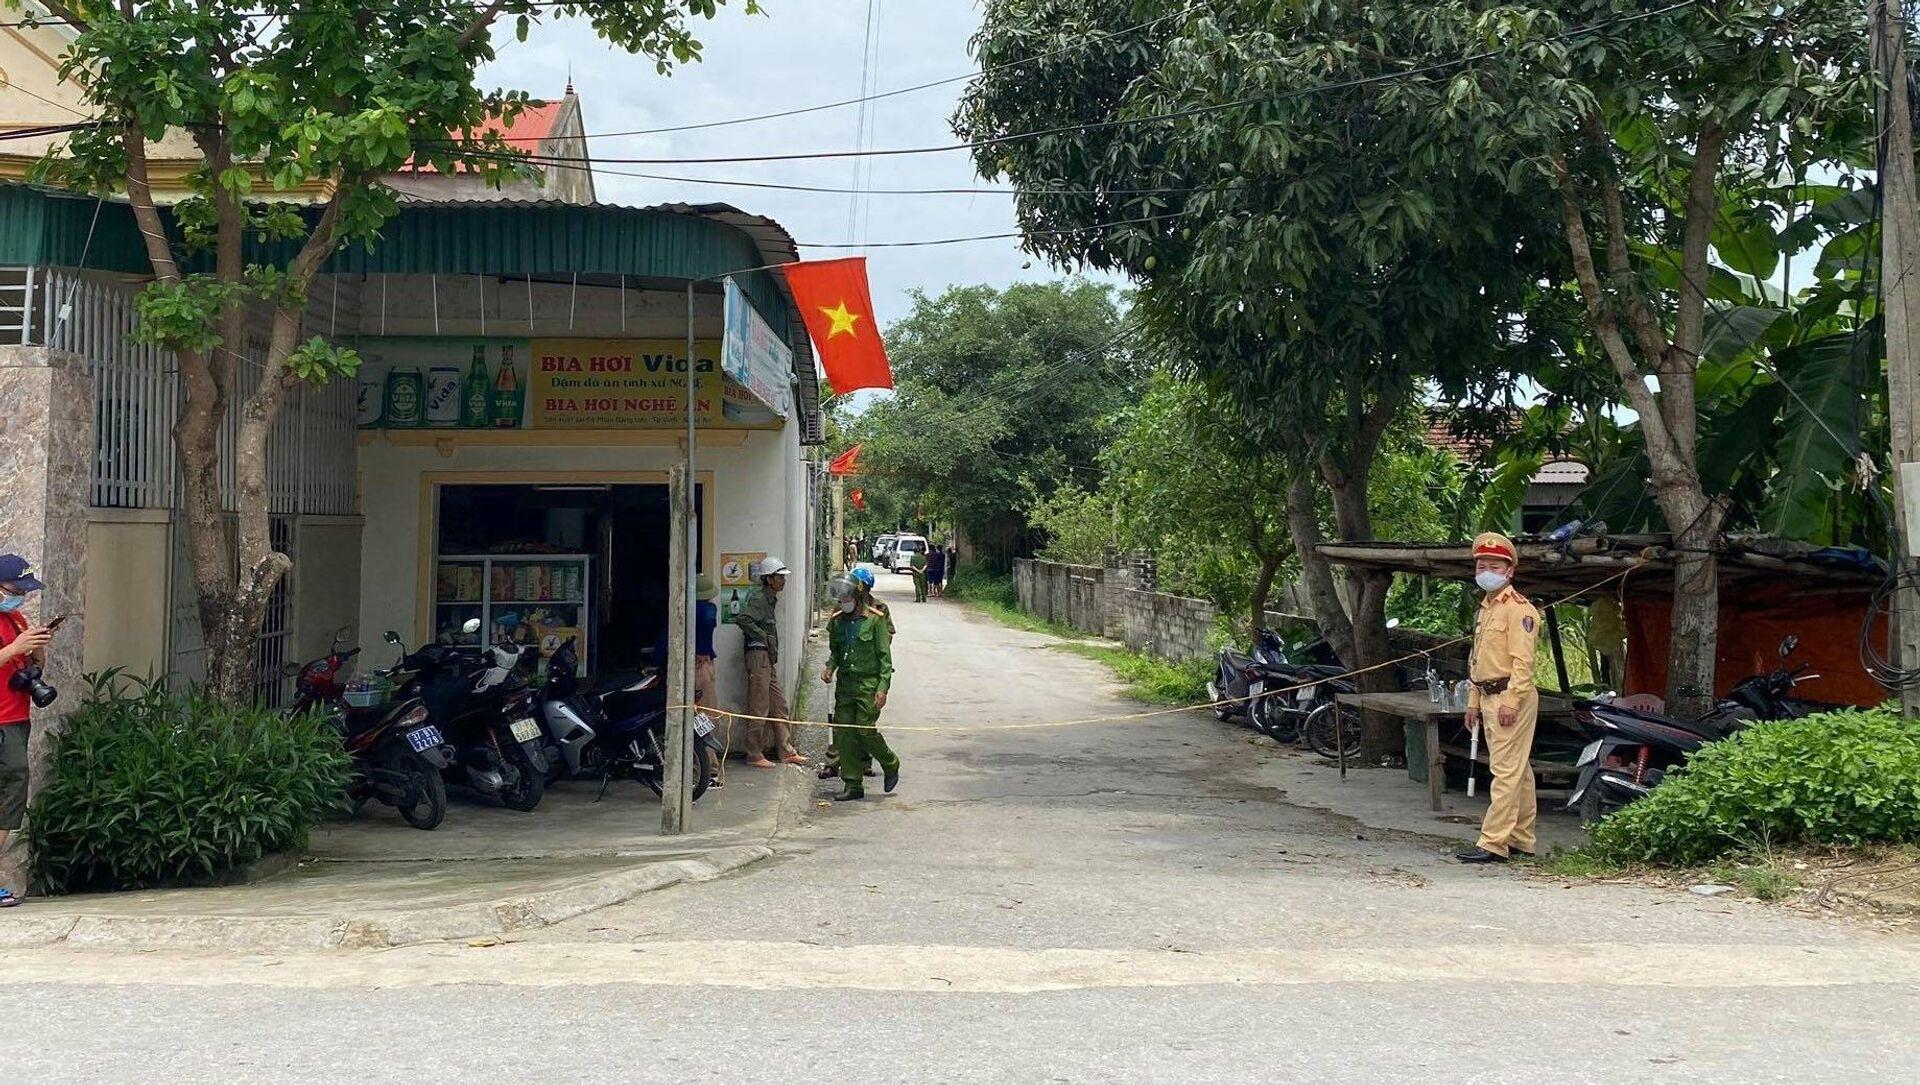 Các con đường dân đến ngôi nhà ông N.V.P (xóm 7, xã Nghi Kim, thành phố Vinh, Nghệ An) nơi xảy ra vụ nổ súng làm 2 người tử vong đều được lực lượng chức năng phong tỏa. - Sputnik Việt Nam, 1920, 30.04.2021